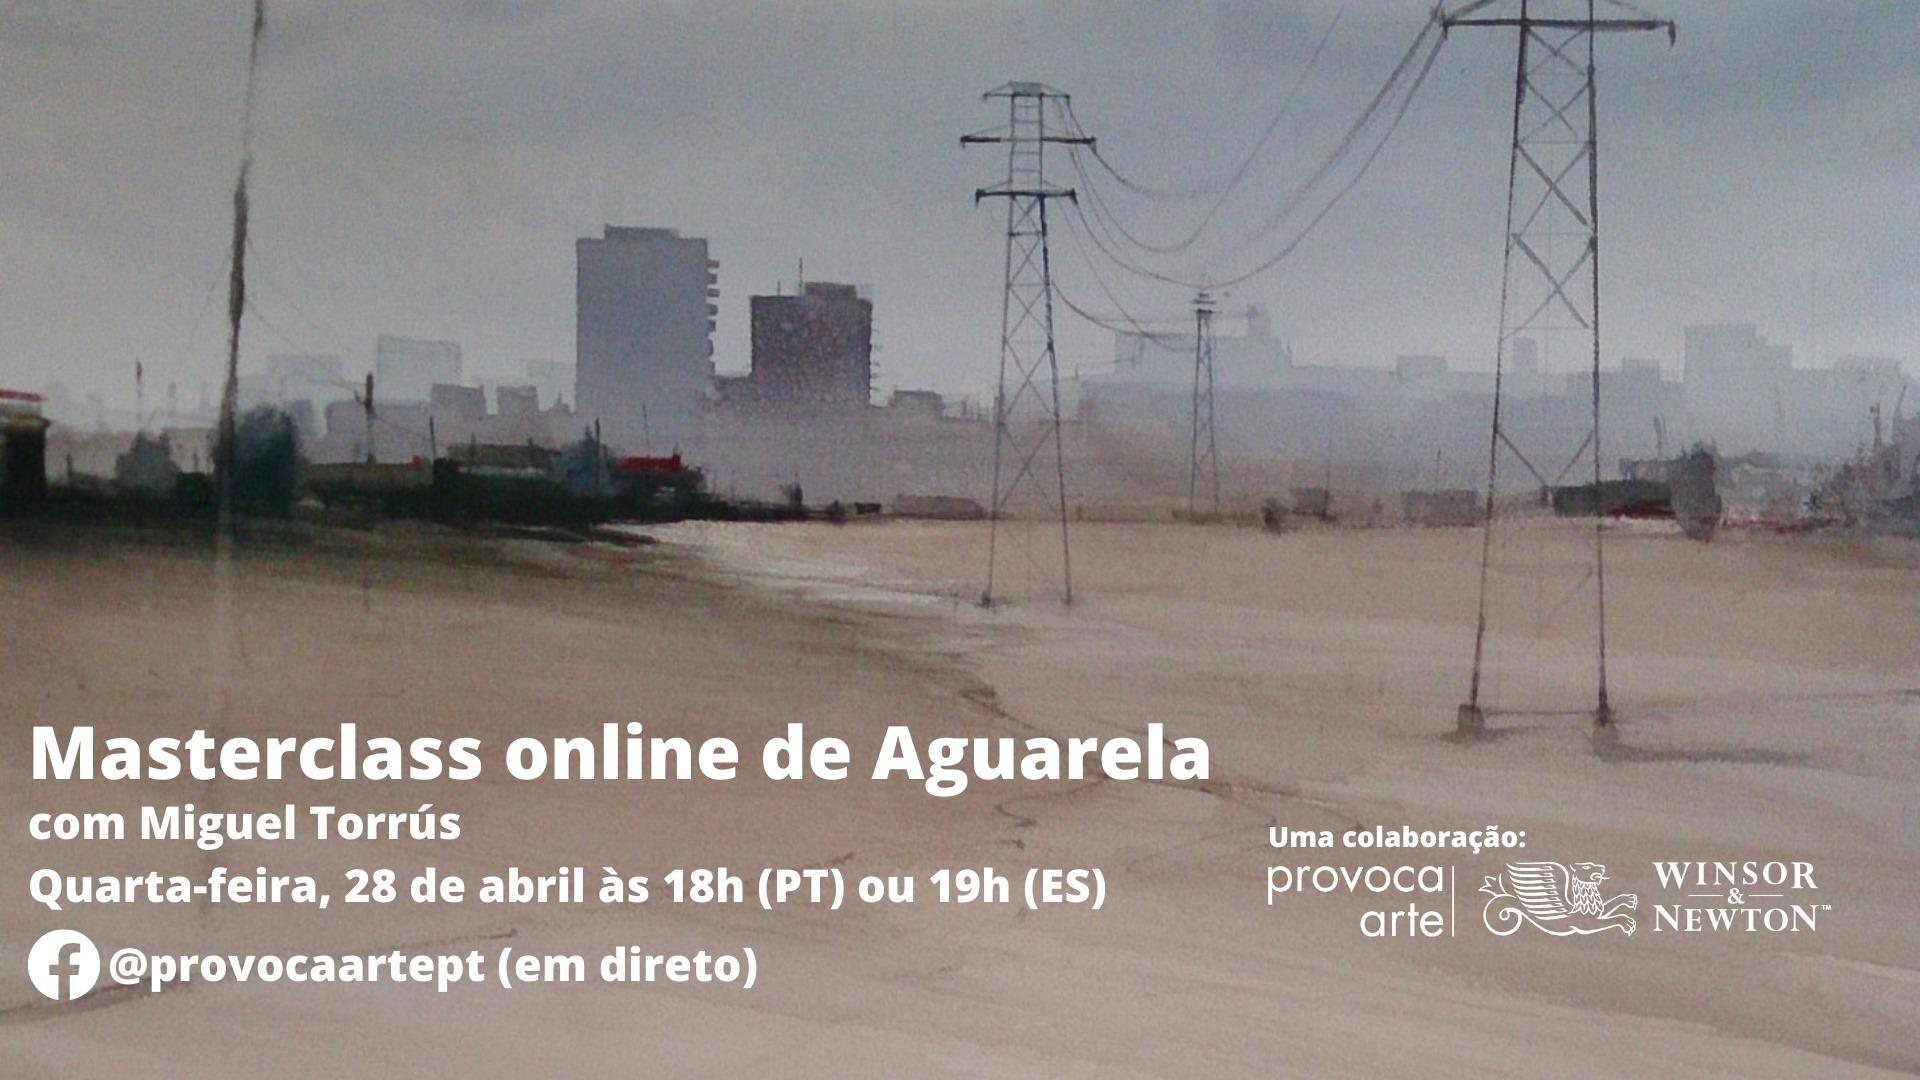 Marterclass de Aguarela com Miguel Torrús online